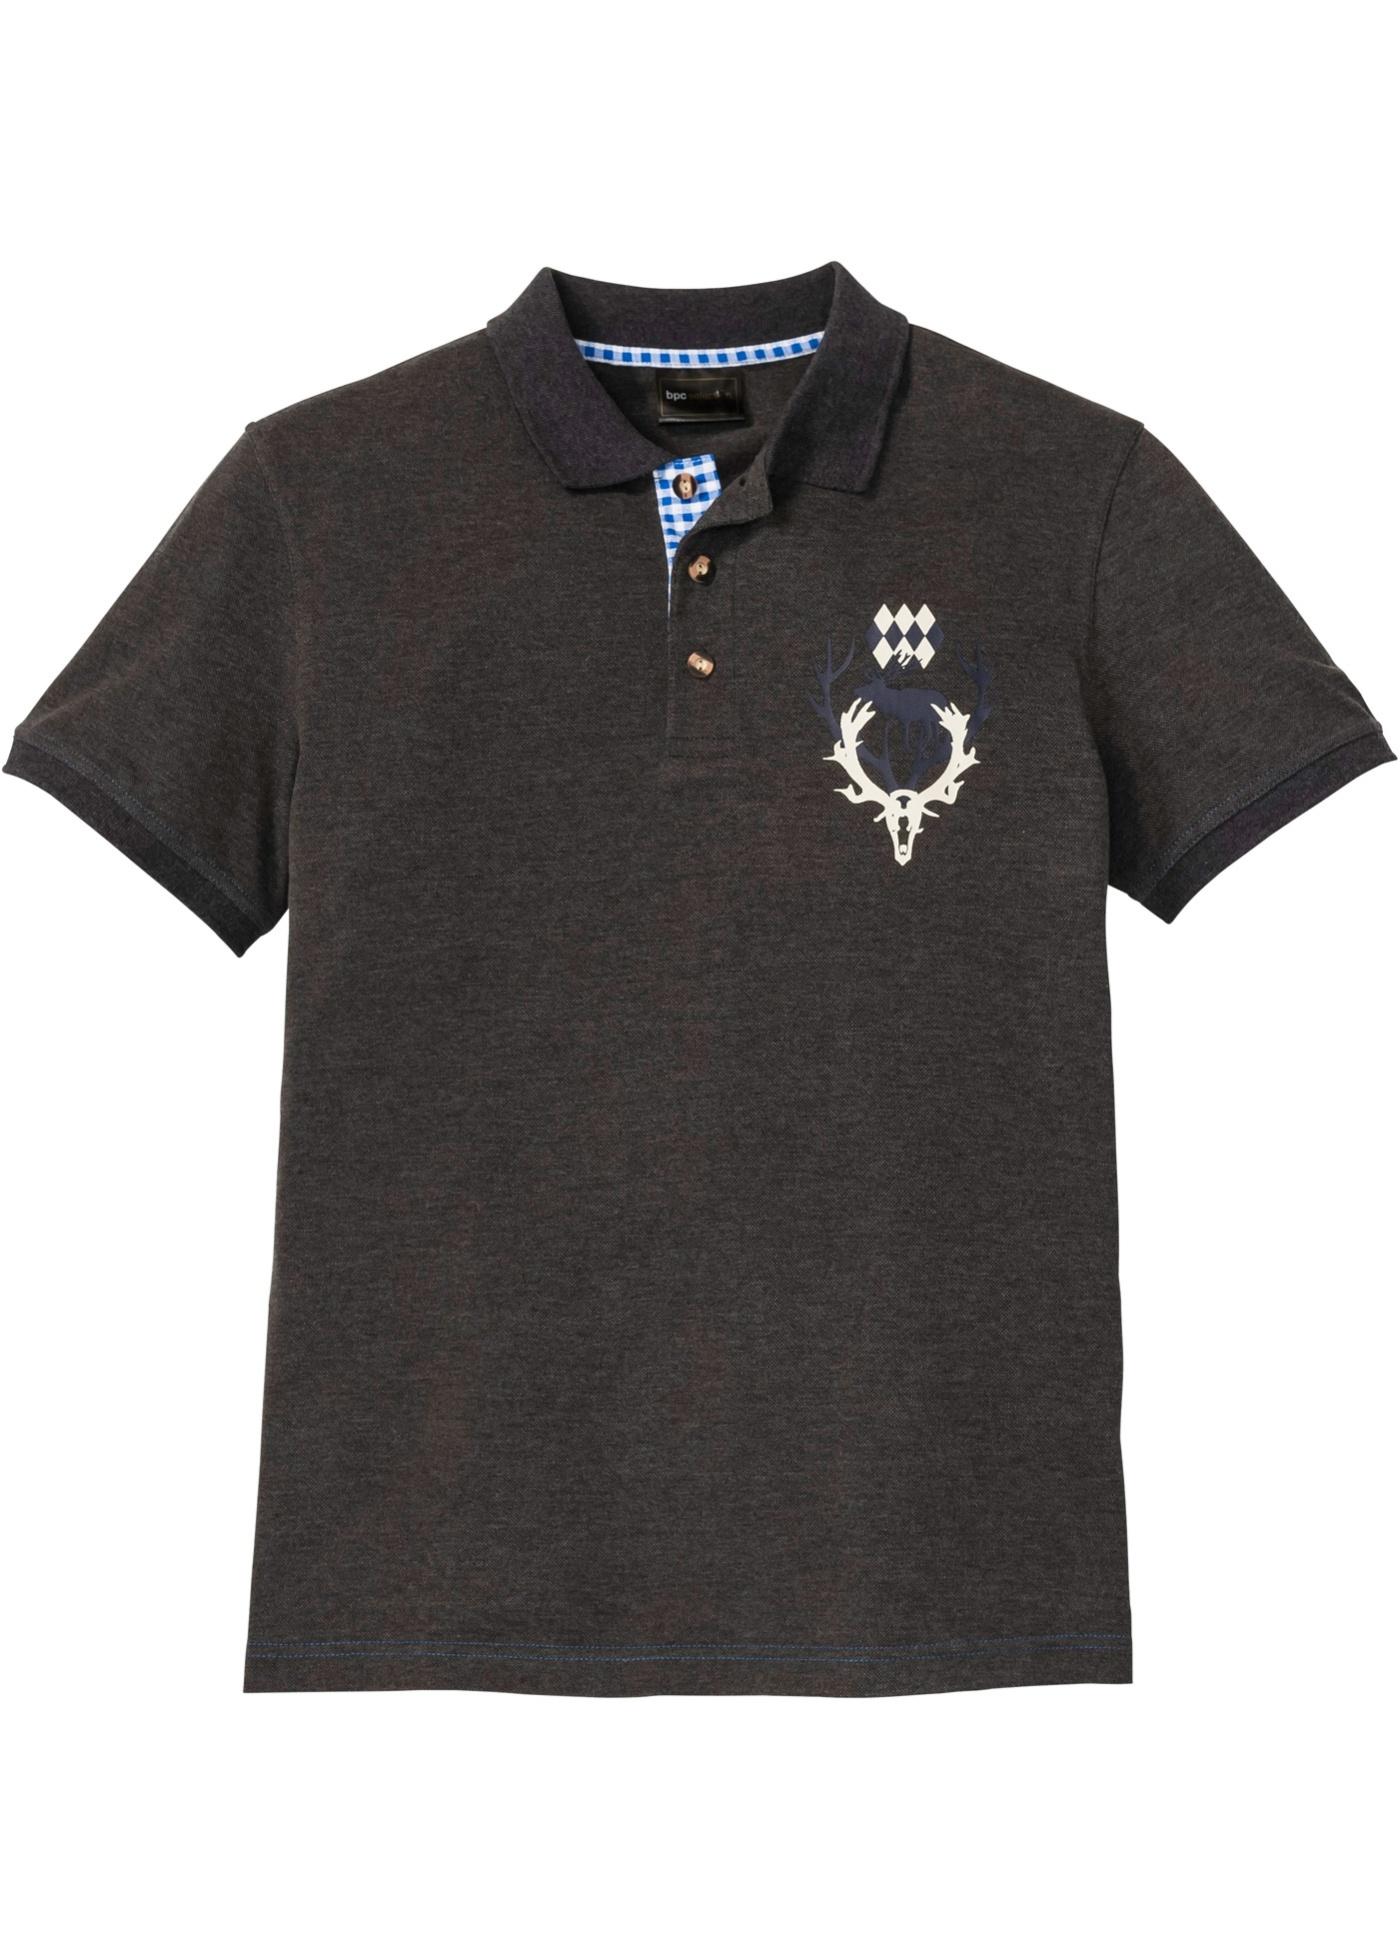 Poloshirt i tirolerstil